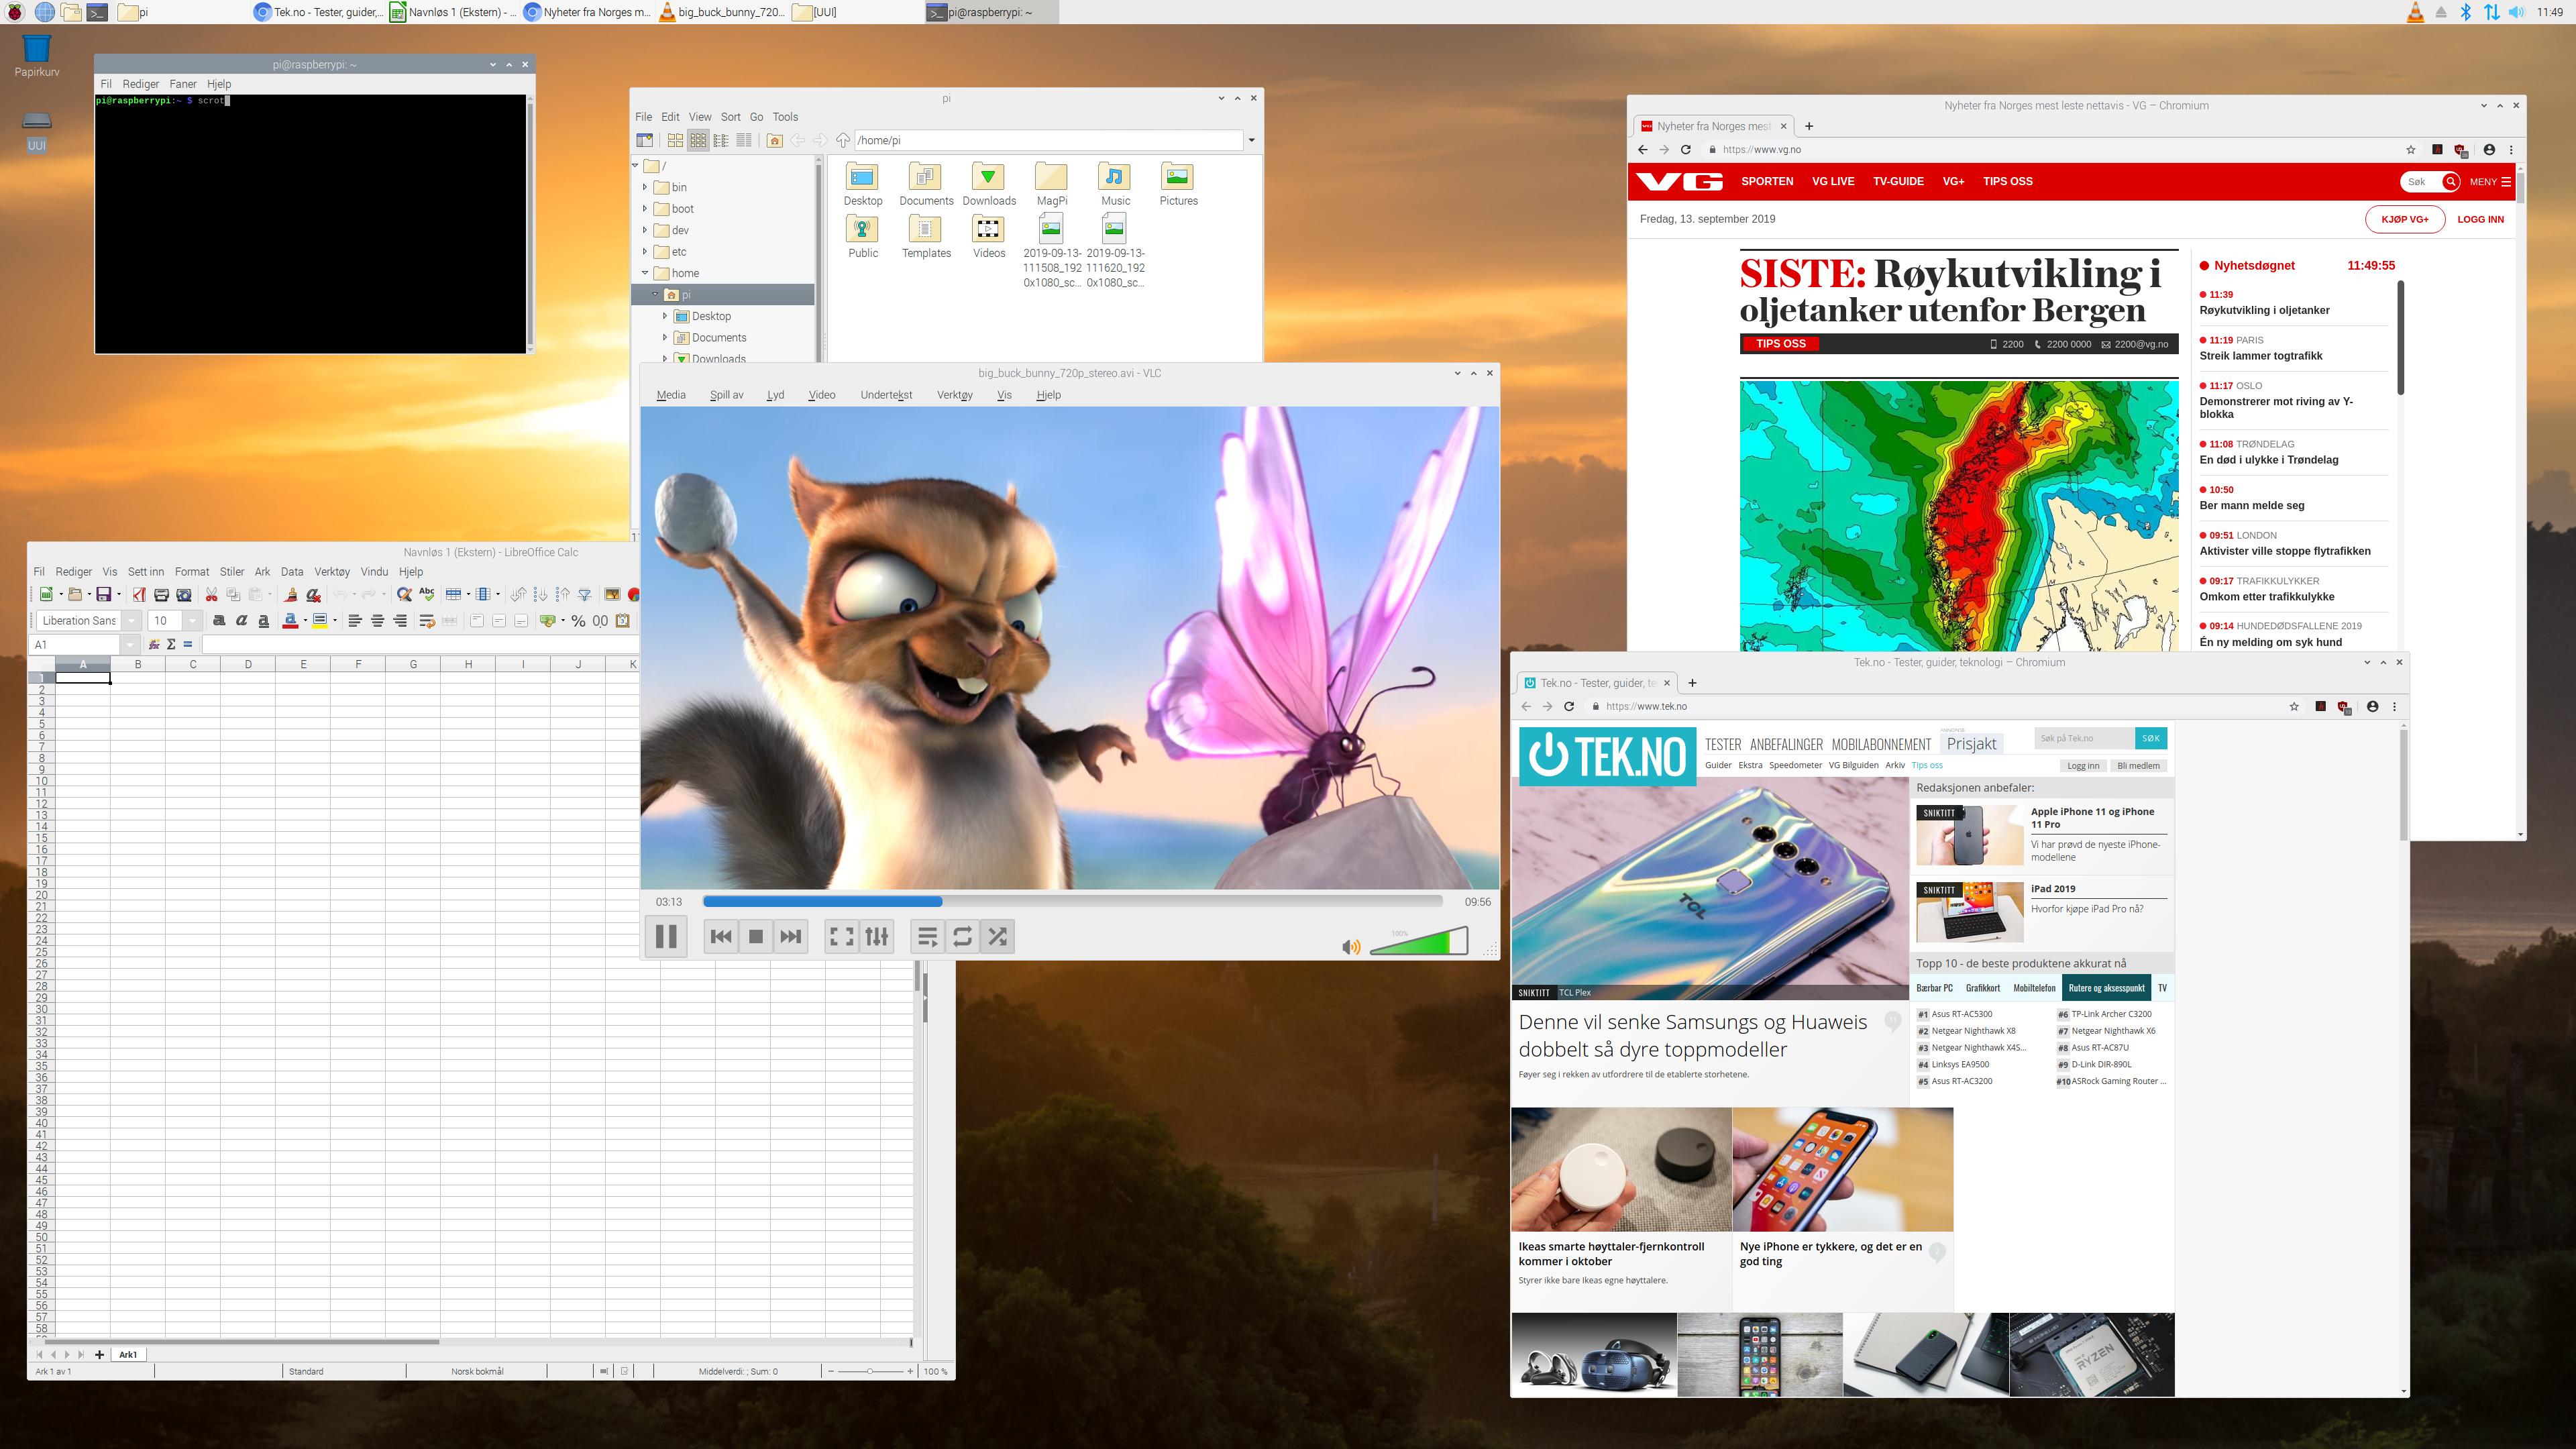 Med 4K-oppløsning får vi endelig godt med skrivebordsplass. Her er vi i aksjon med den nye versjonen av operativsystemet Raspbian.